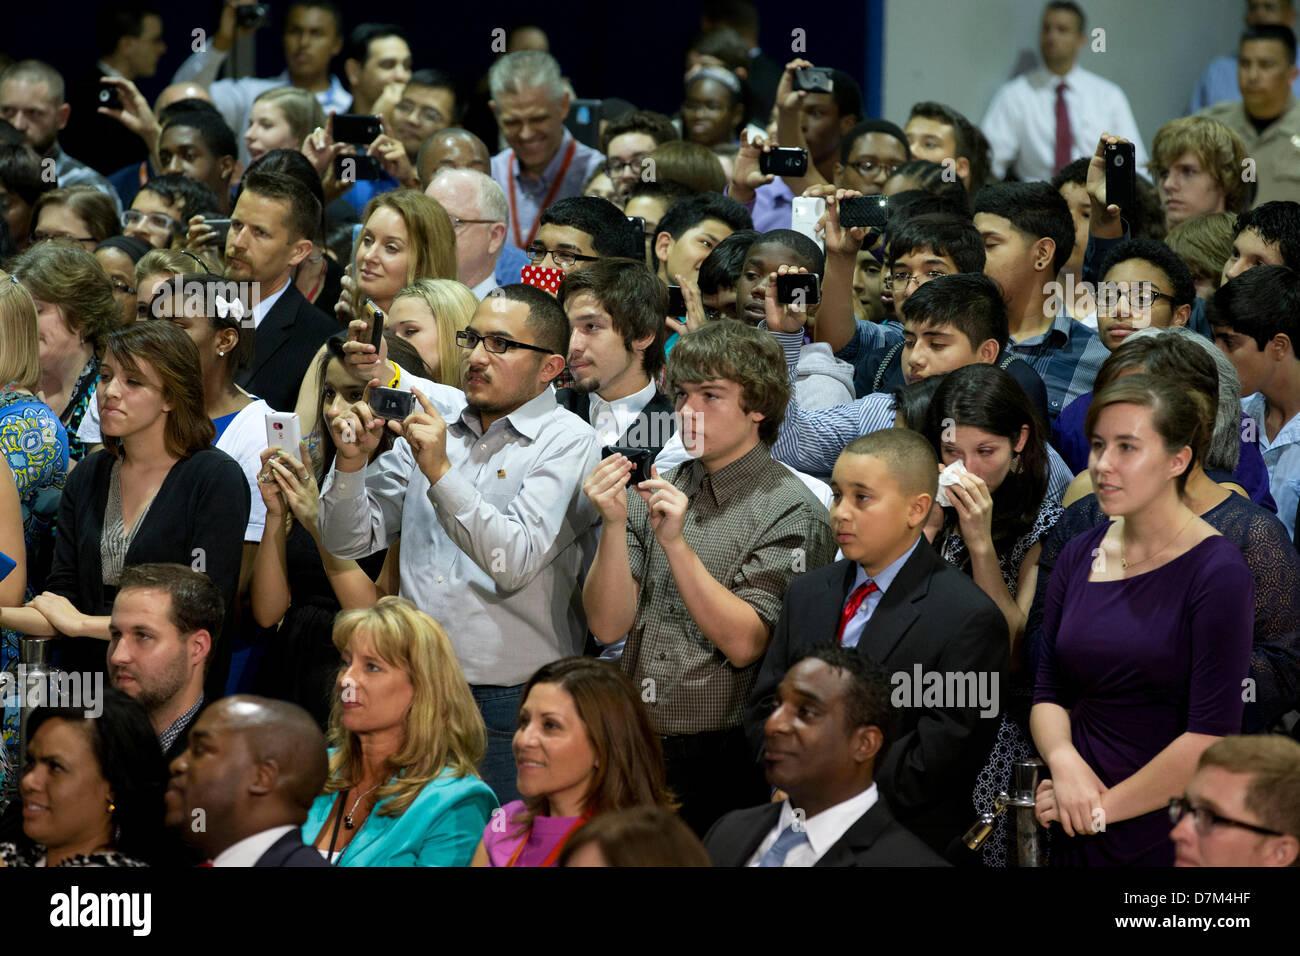 Publikum hören, wie US-Präsident Barack Obama bei Manor New Technology High School in Manor, Texas spricht Stockbild